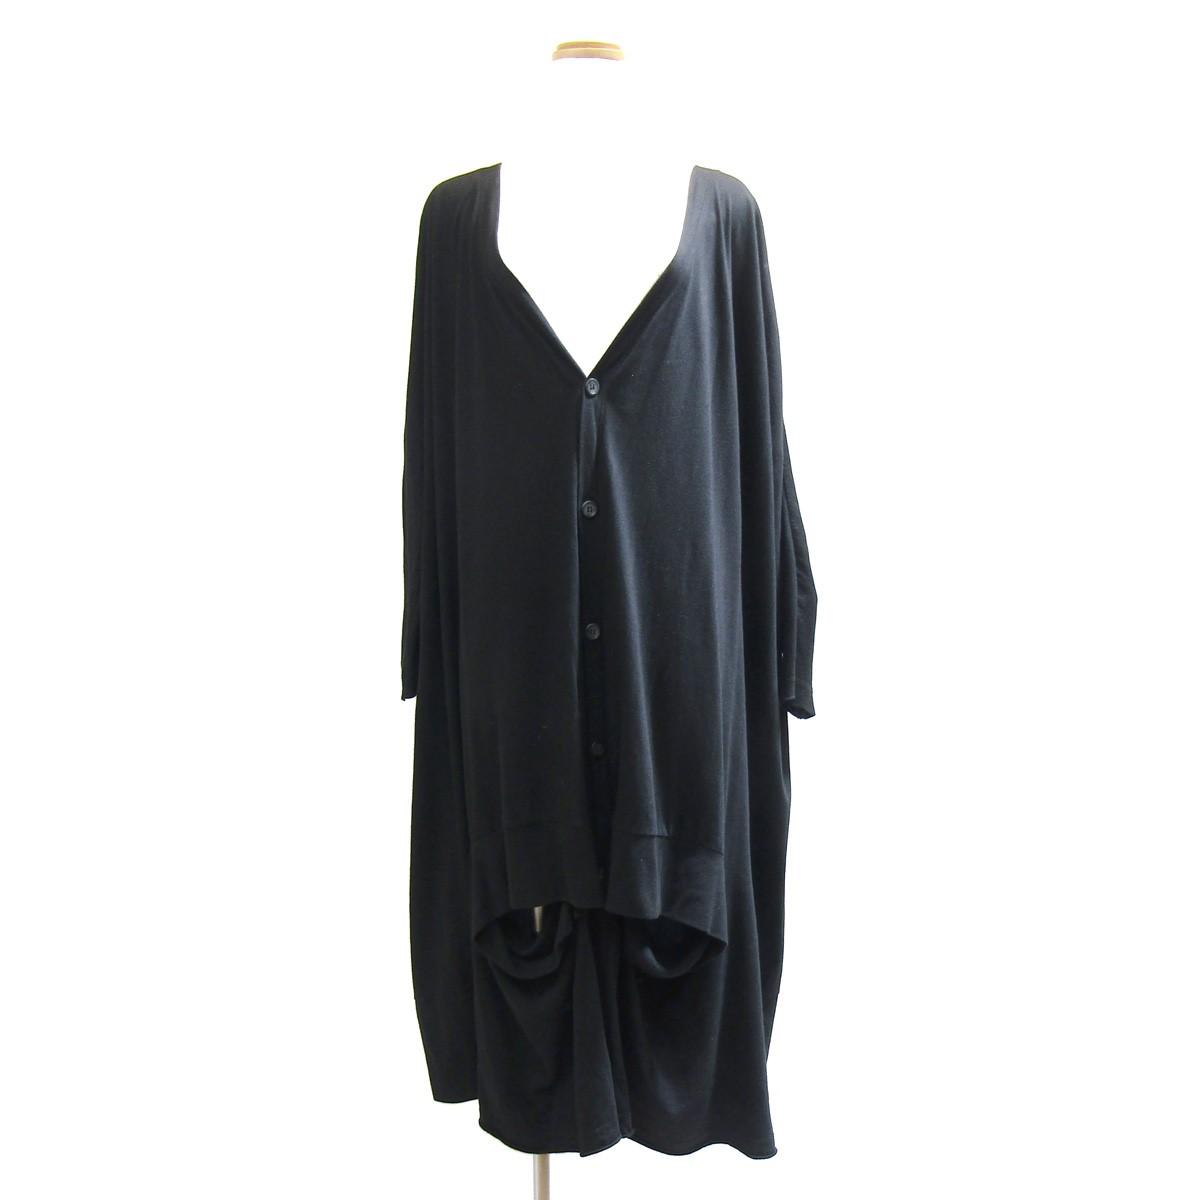 【中古】RISMAT by Y's ワイドロングカーディガン ブラック サイズ:2 【230420】(リスマット バイ ワイズ)